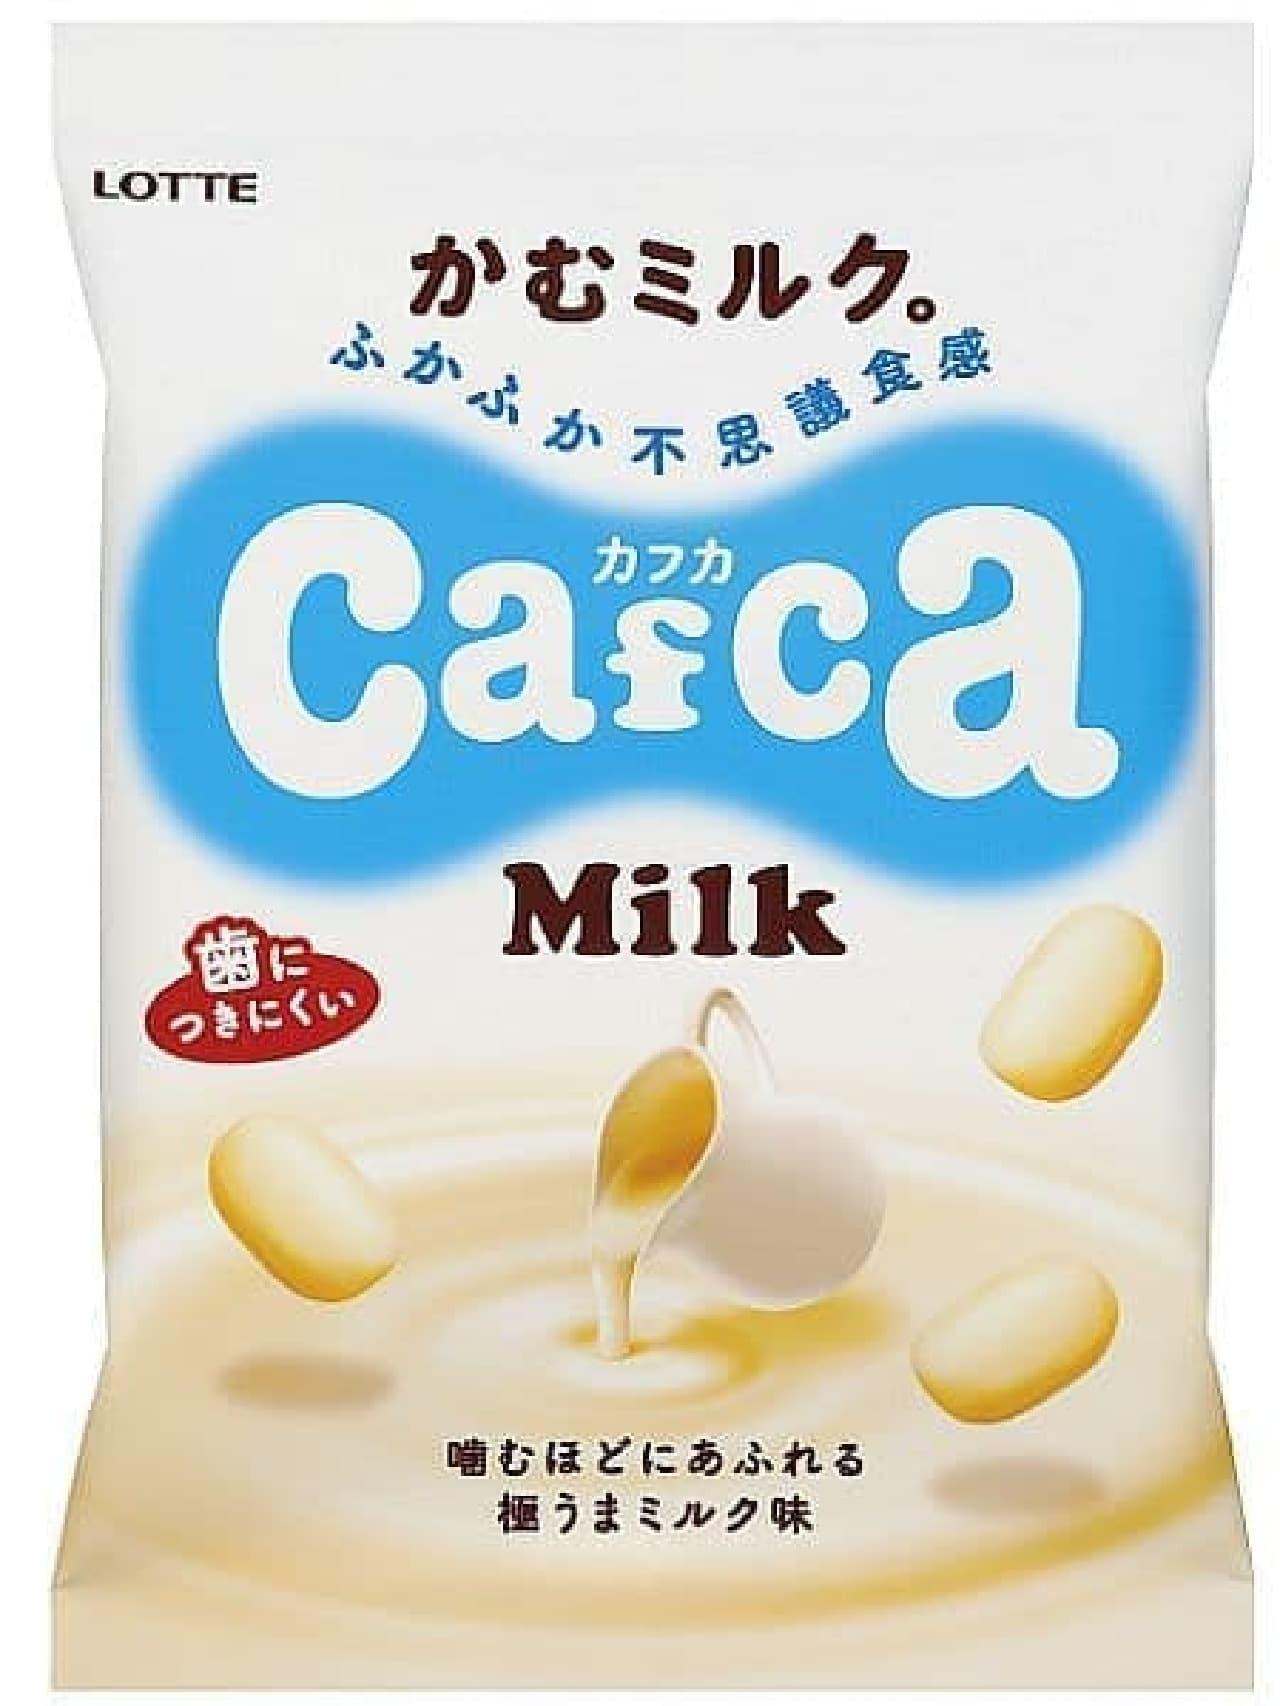 新食感「かむミルク」を体験できる「カフカ(袋)〈極うまミルク味〉」